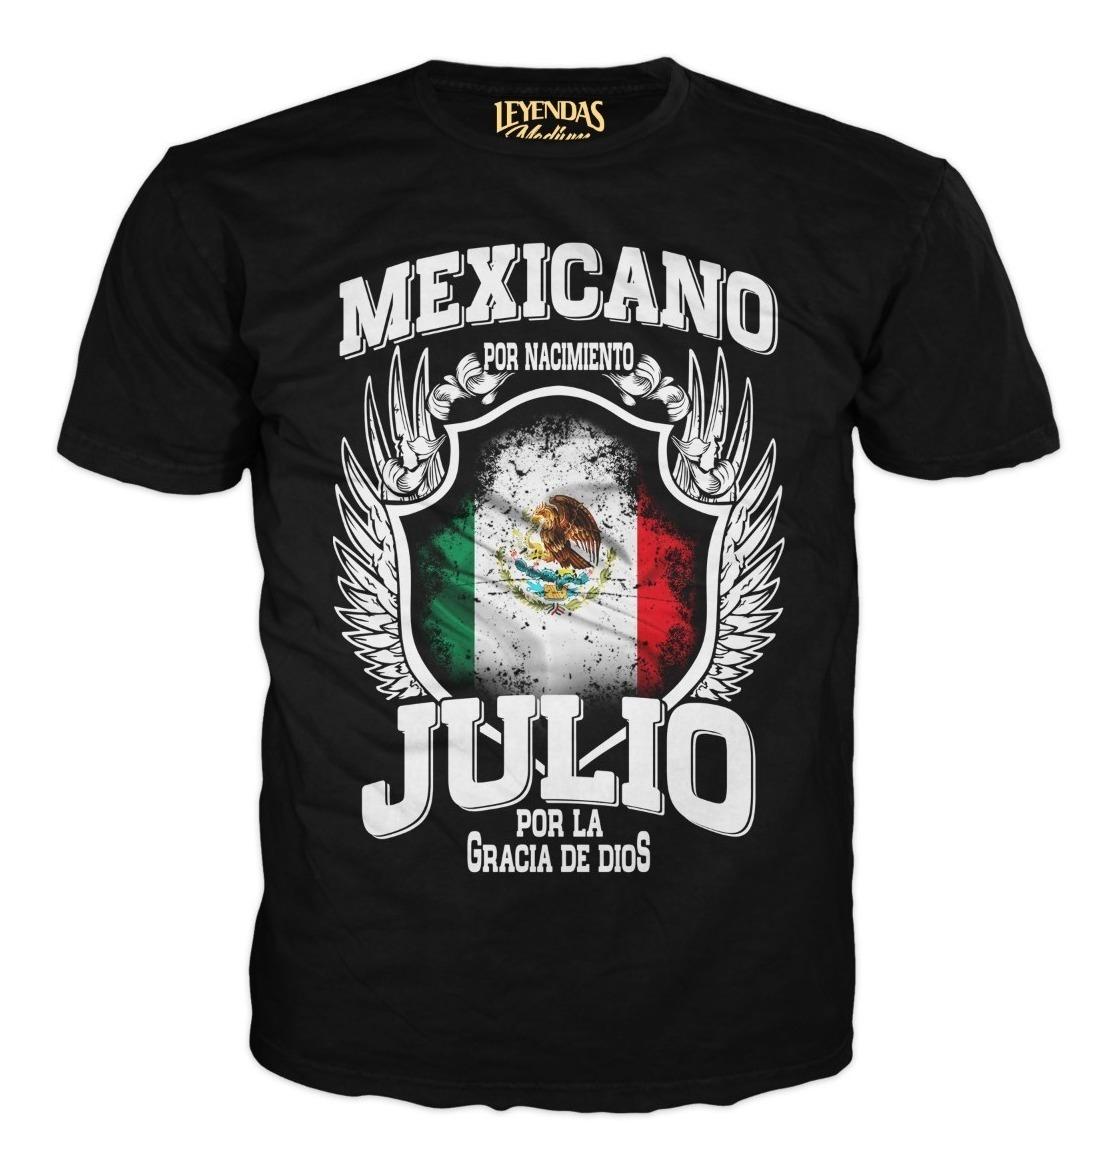 Jugareras De Leyendas Mexicano De Nacimiento Julio